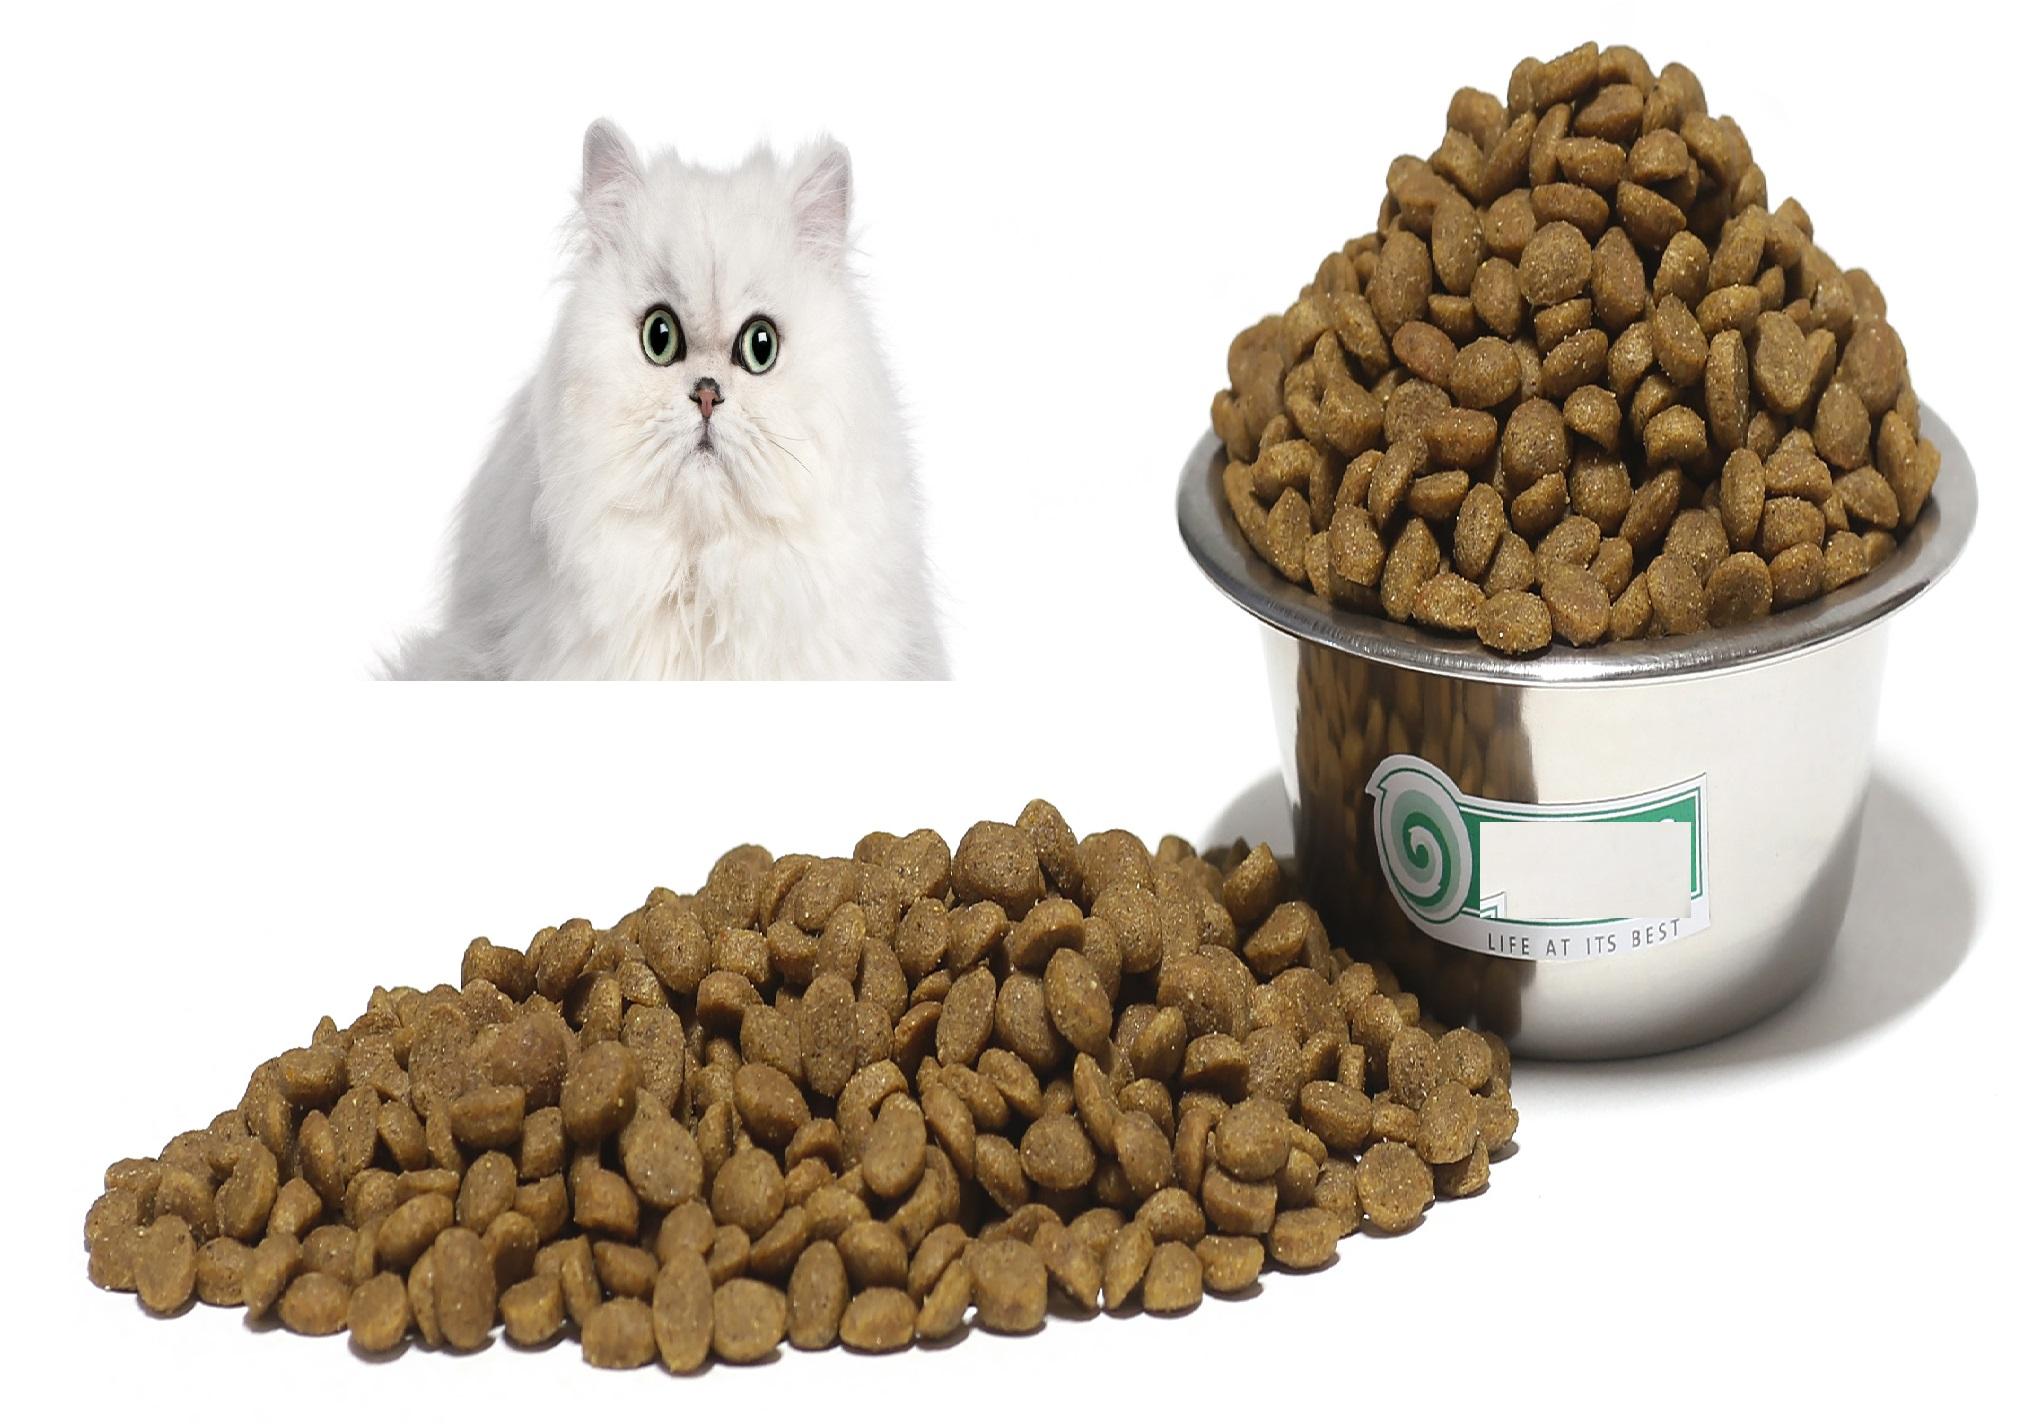 قیمت عمده خوراک کامل گربه پرشین